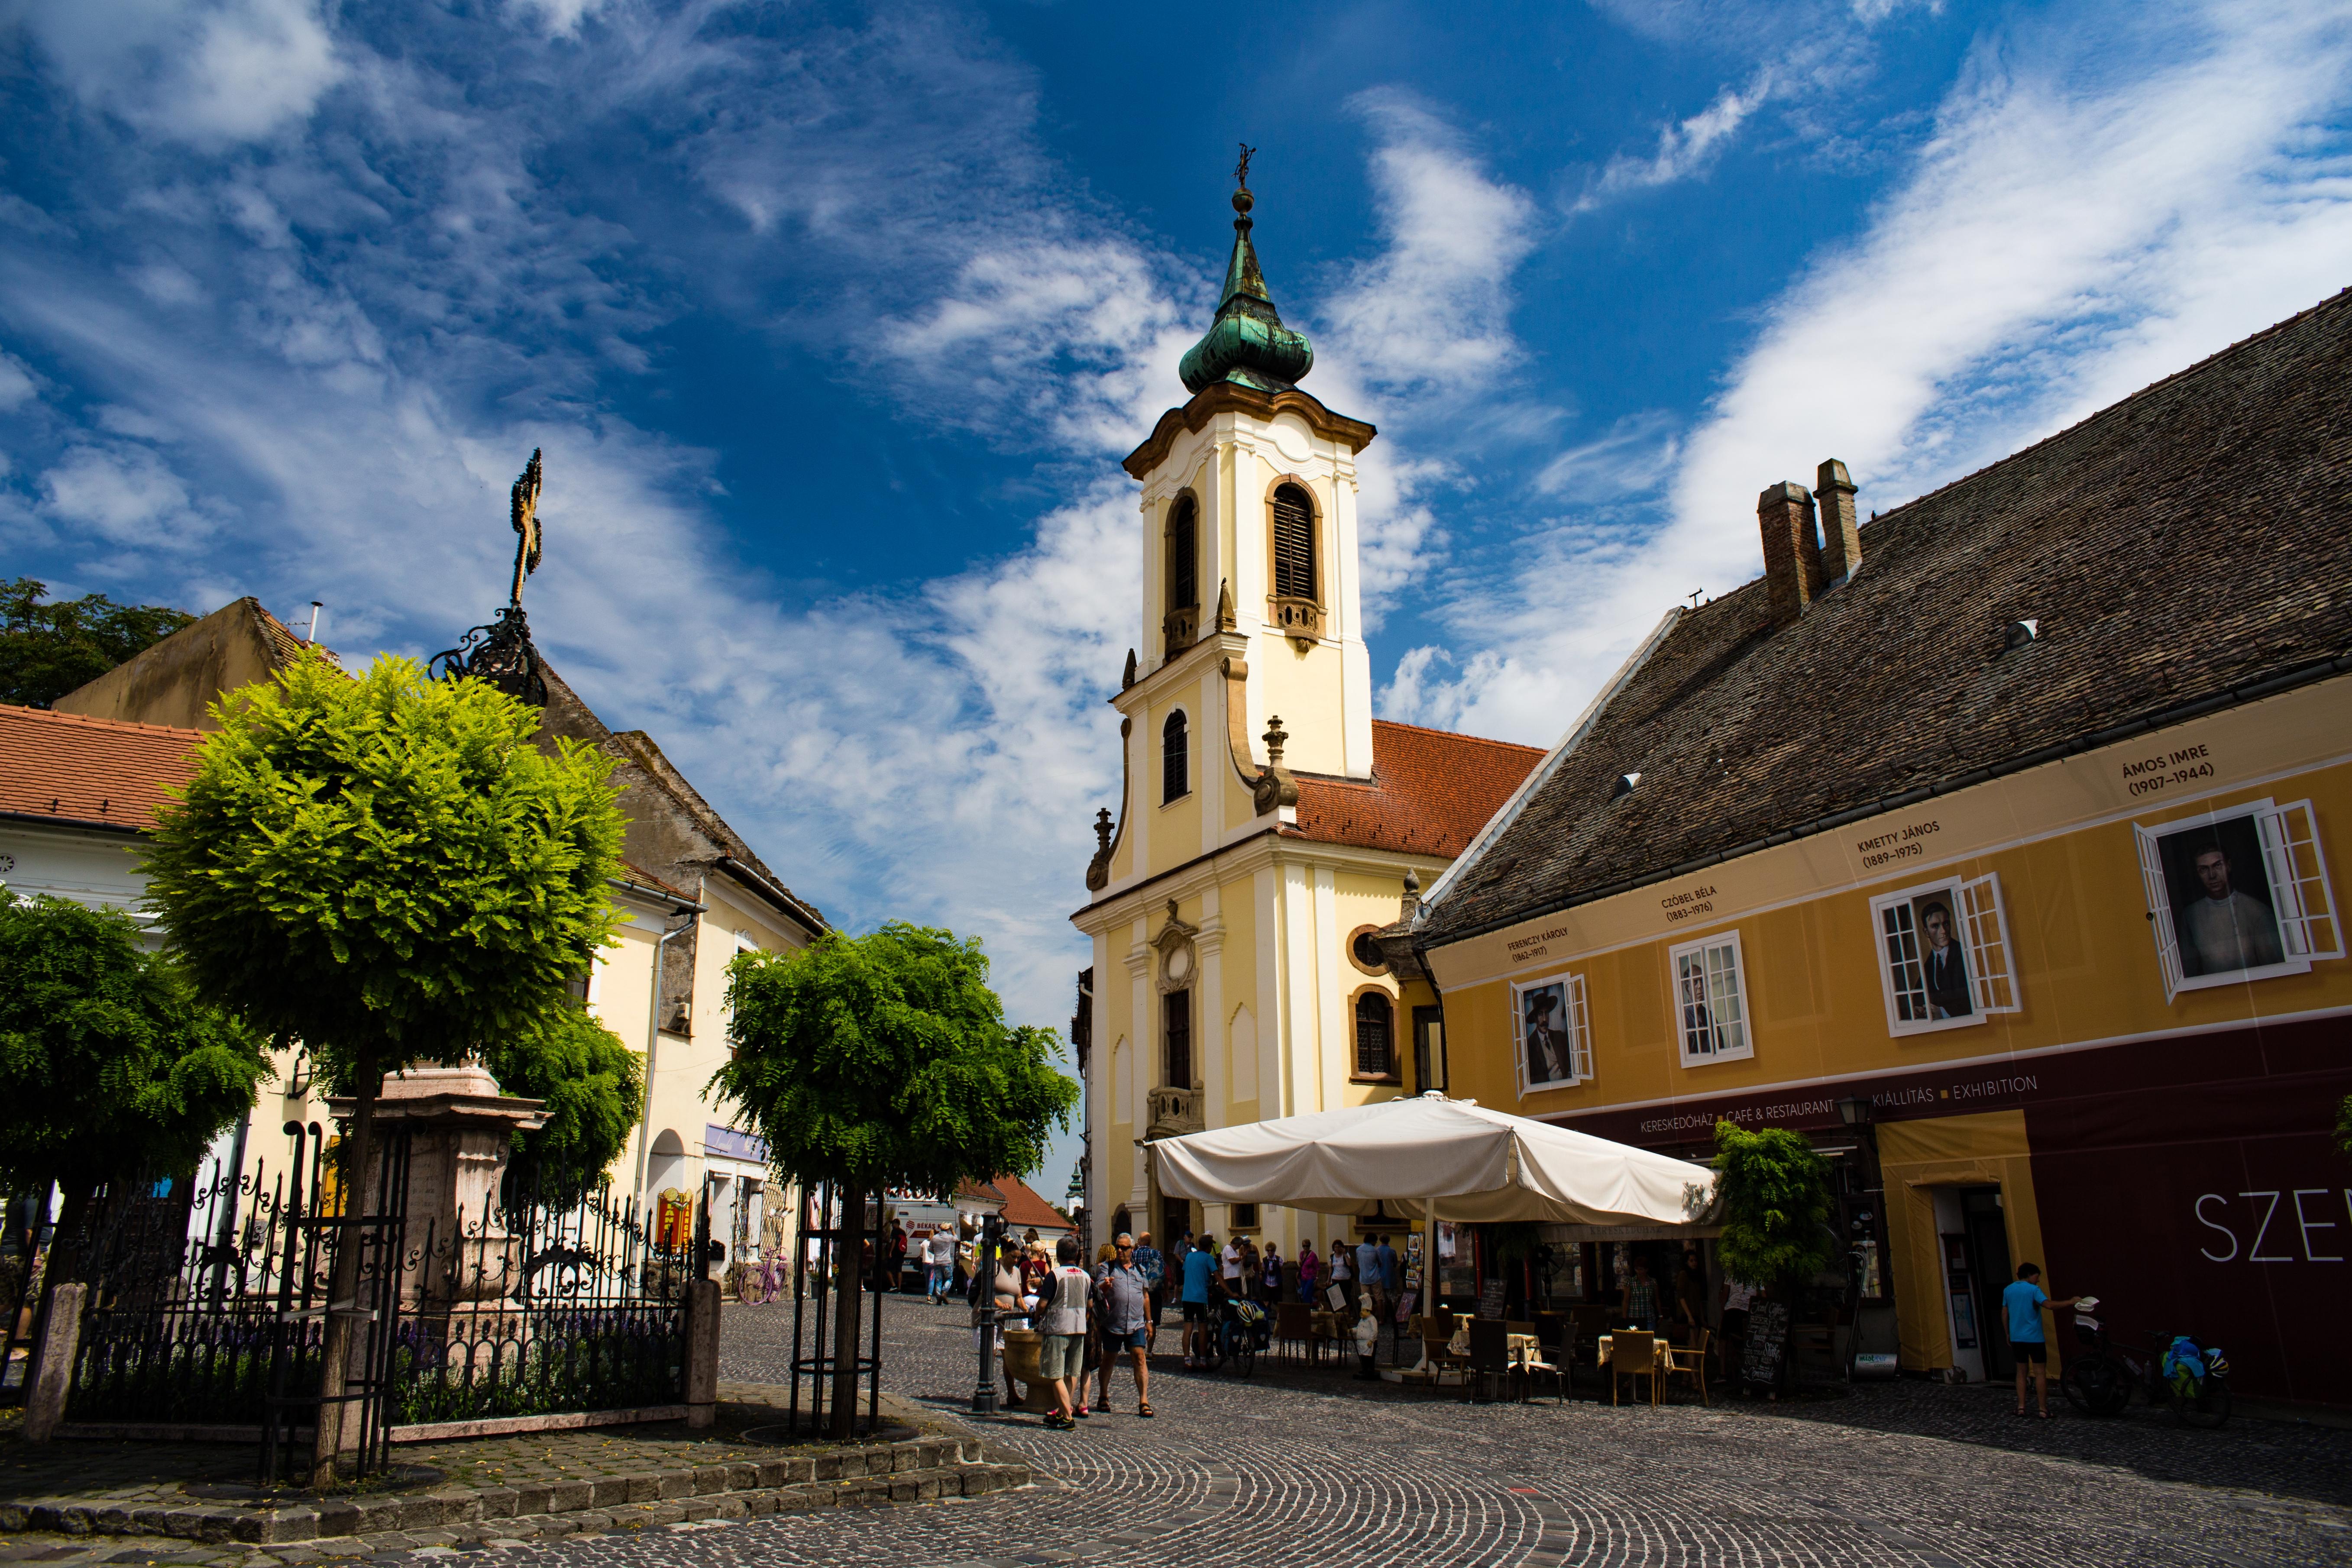 Wander-around-Pretty-Szentendre-Town